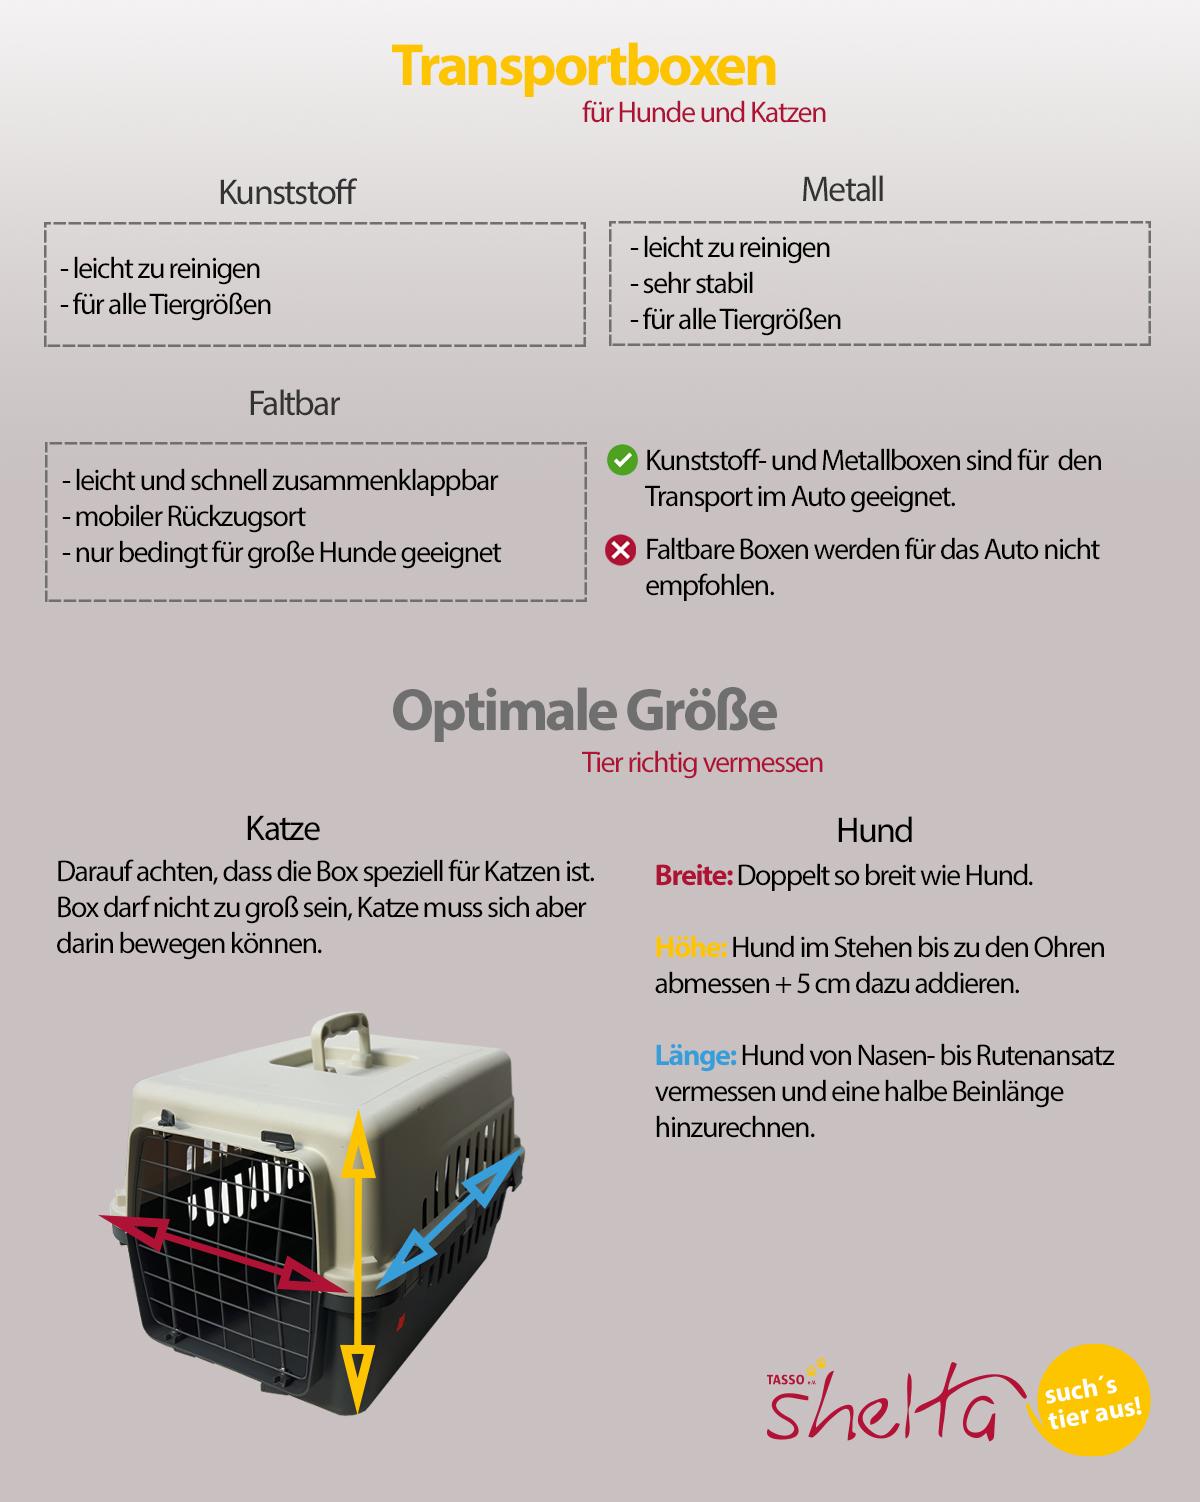 Transportbox für Haustiere | TASSO shelta | Infografik